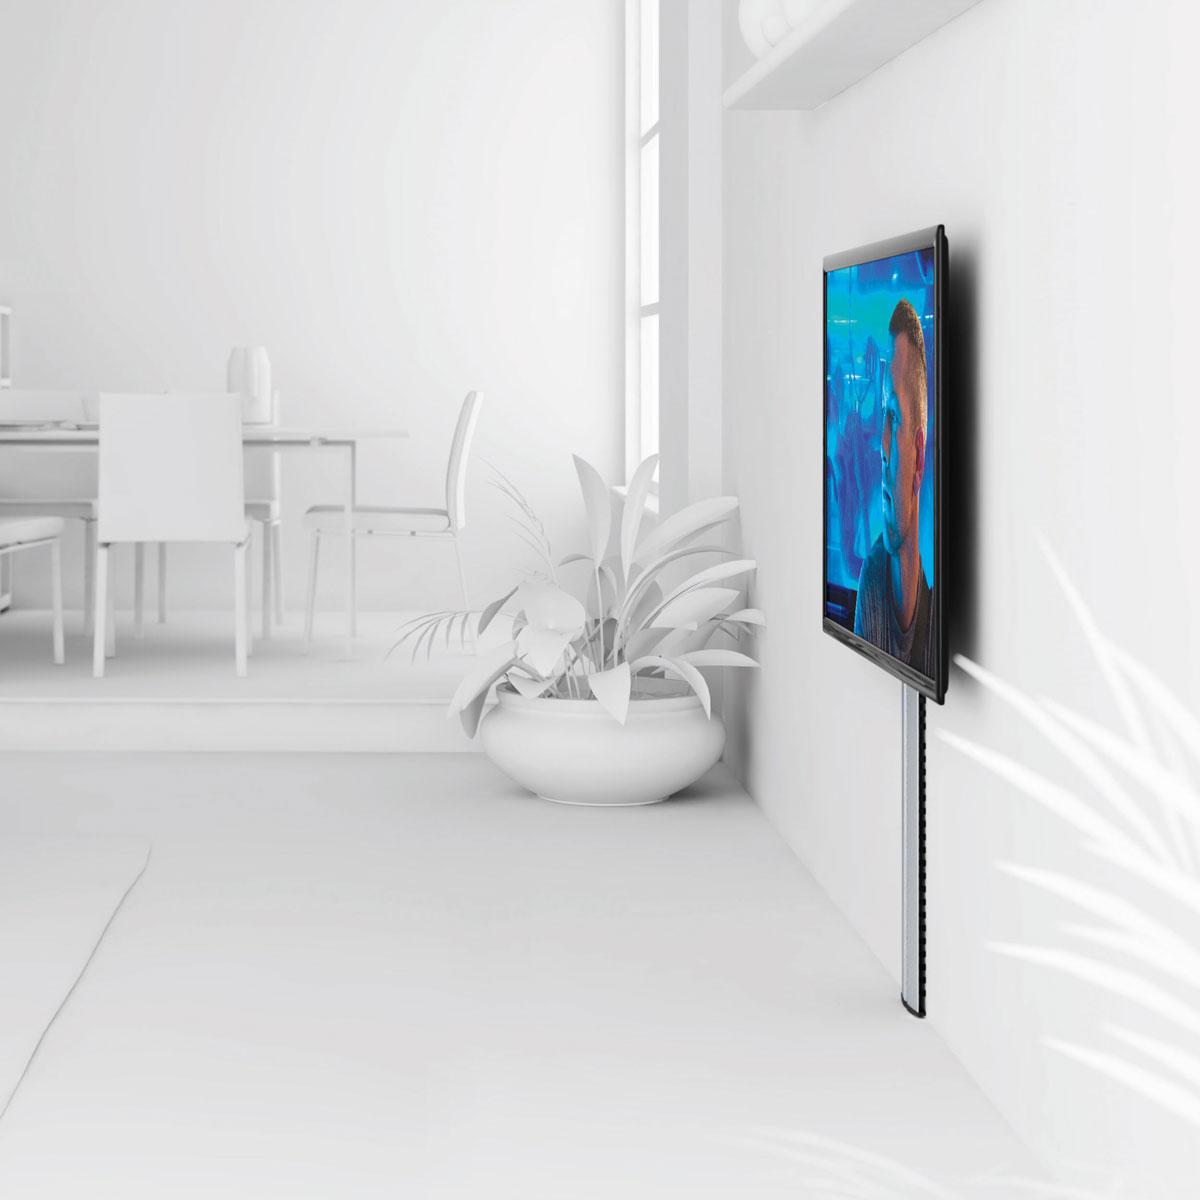 Meuble Tv Avec Cache Fils ides de cacher les cables tv mural galerie dimages